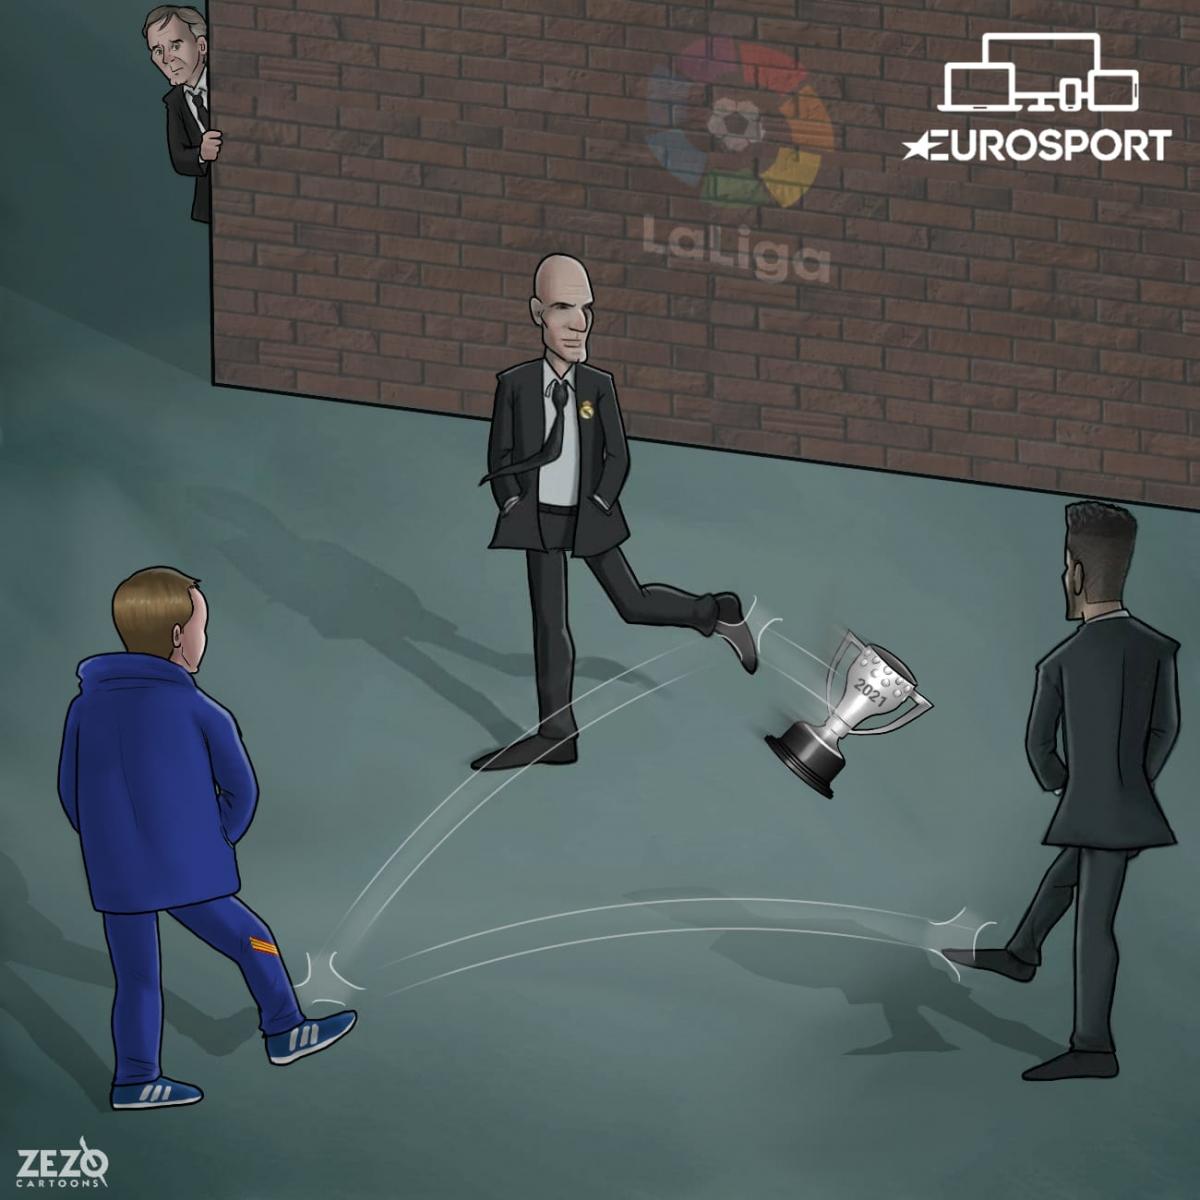 Cuộc đua vô địch La Liga. (Ảnh: ZEZO Cartoons)